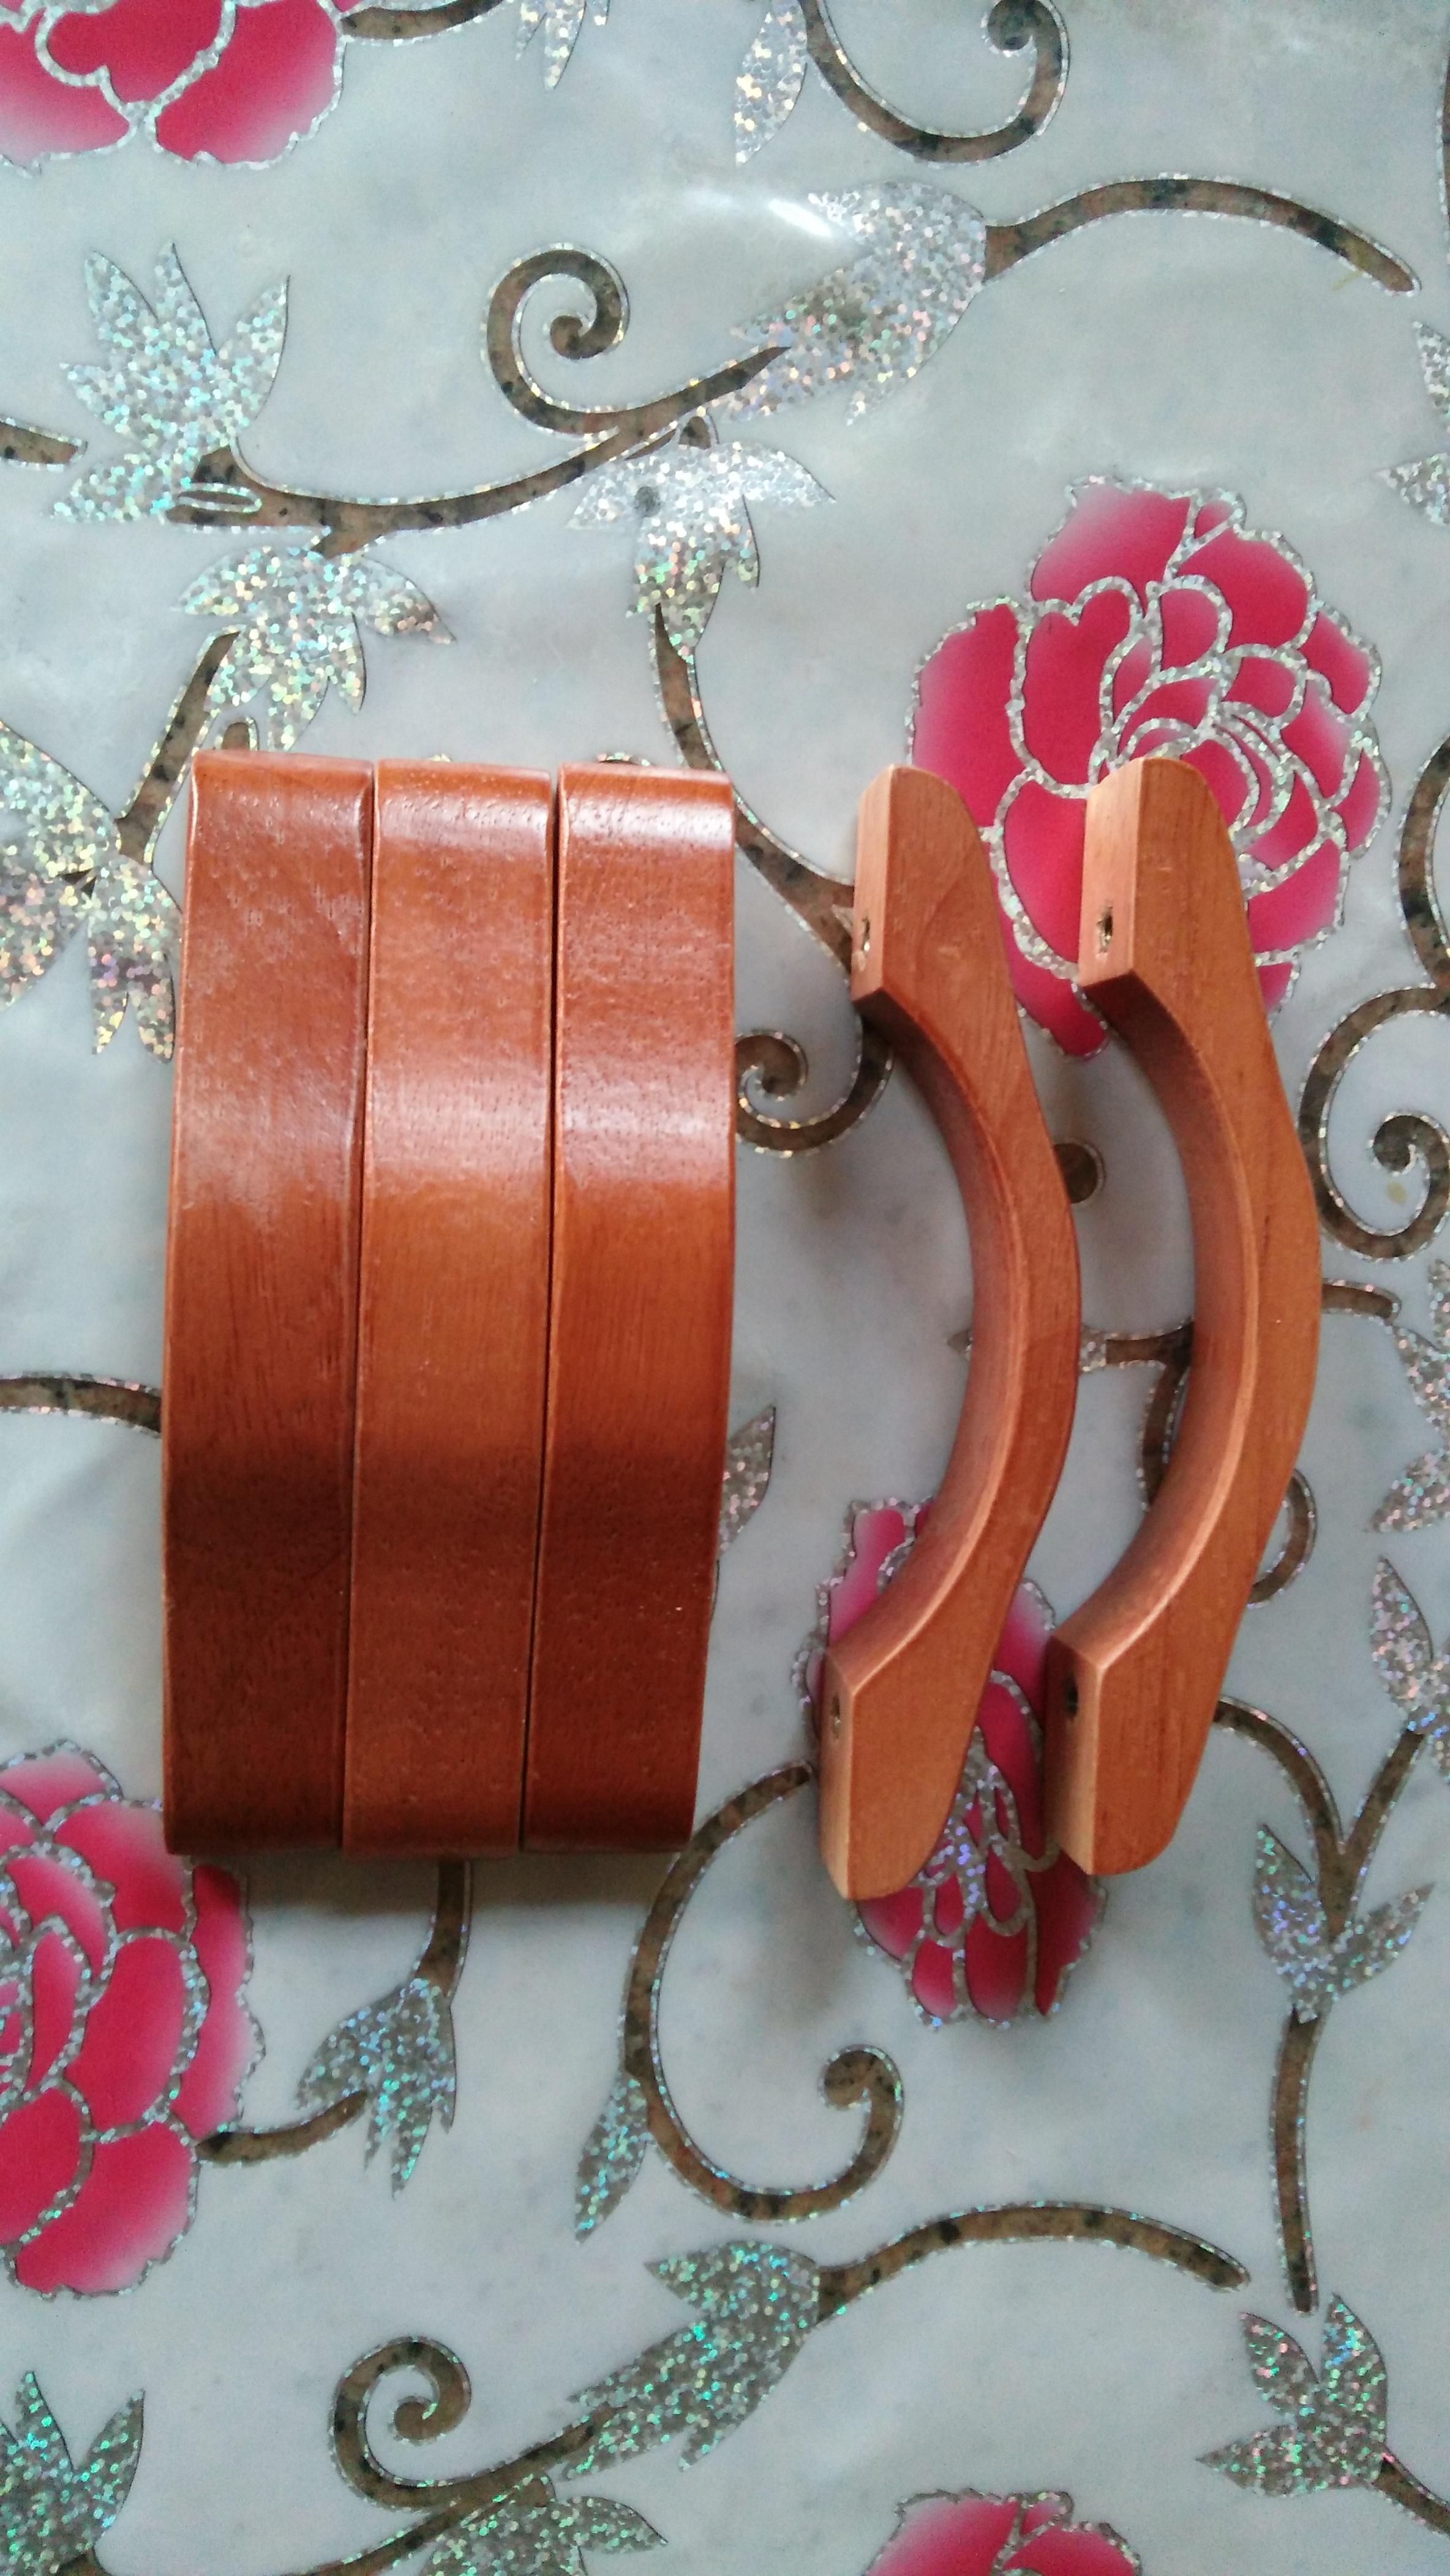 橡胶木、榉木CT903孔桥96# 抽屉把手批发  抽屉把手价格